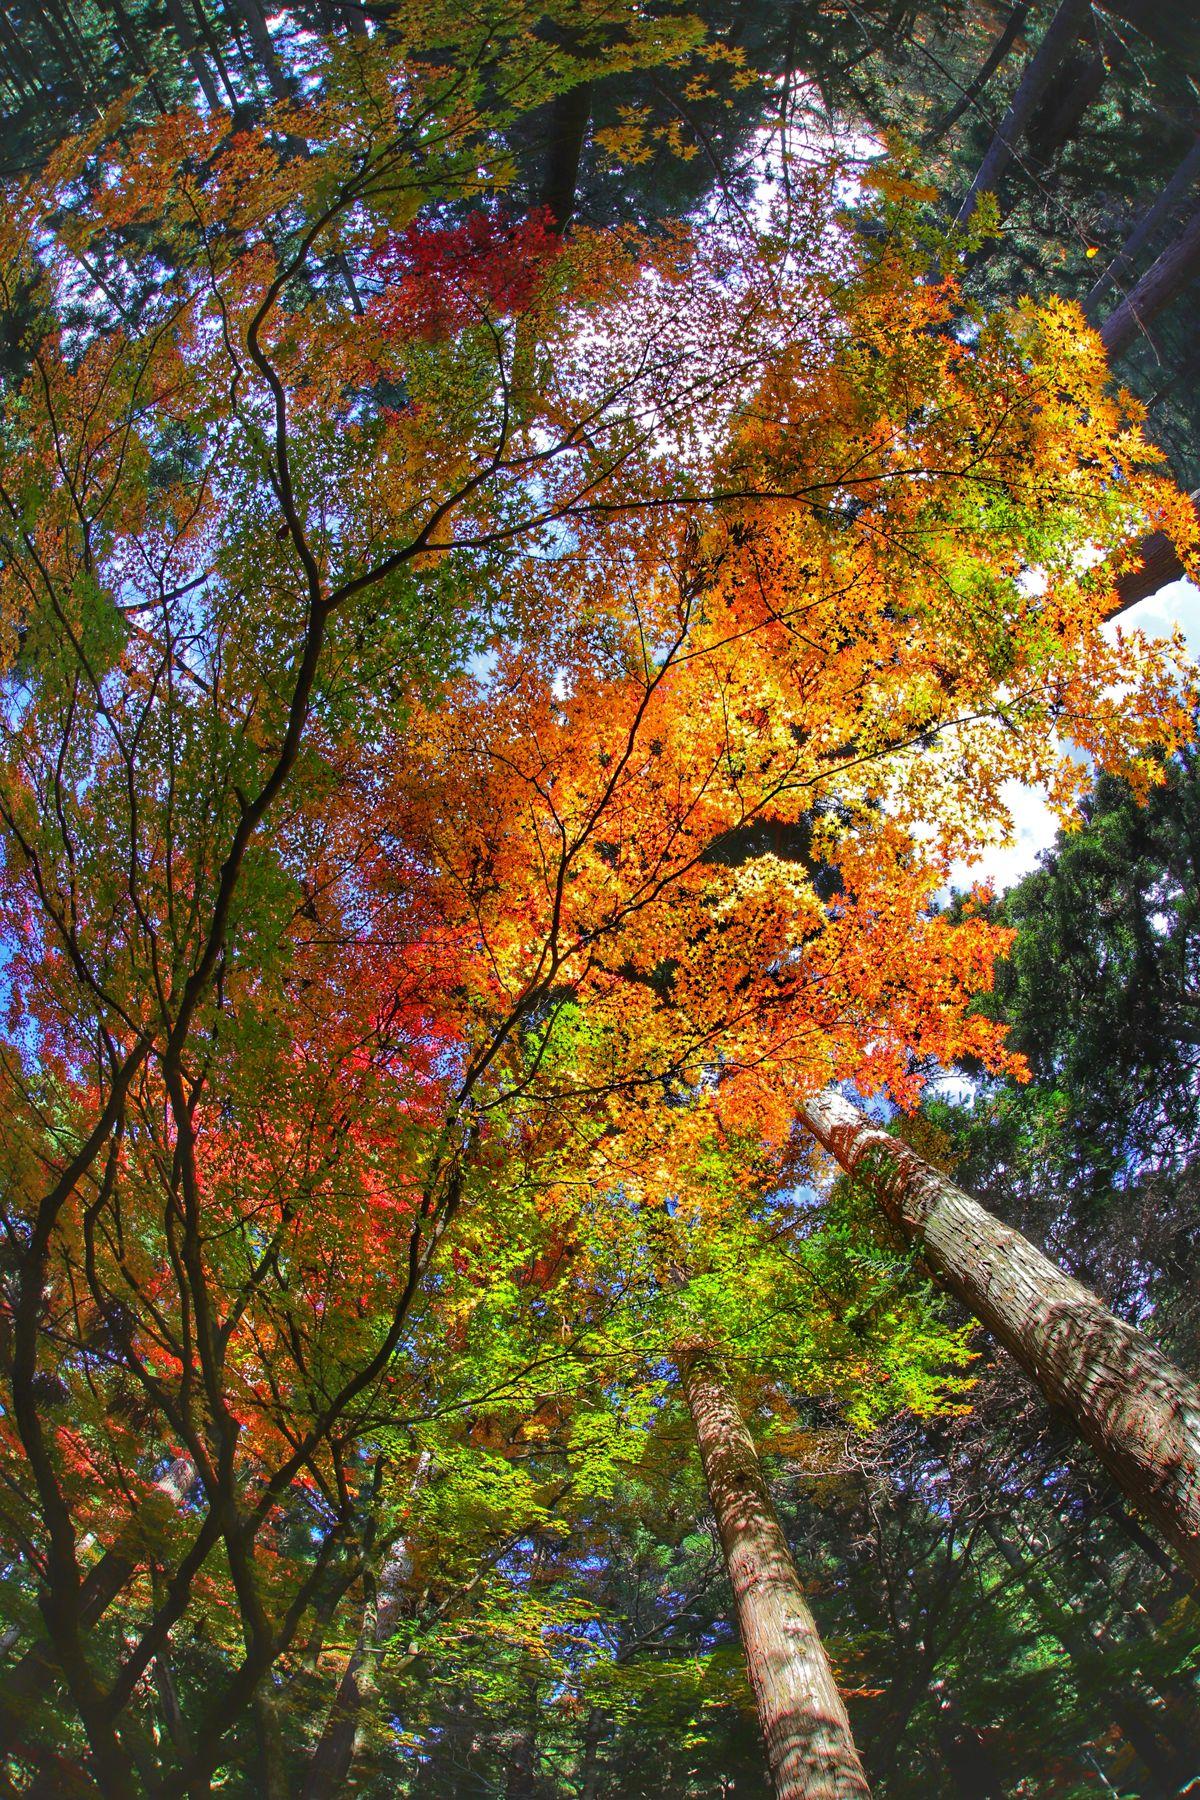 いよいよ寒いっス😱でも金曜日ファイト👍 Tree Growth Nature Beauty In Nature Day Low Angle View No People Outdoors Leaf Multi Colored Full Frame Autumn Branch Close-up Sky 紅葉 一目惚れんず